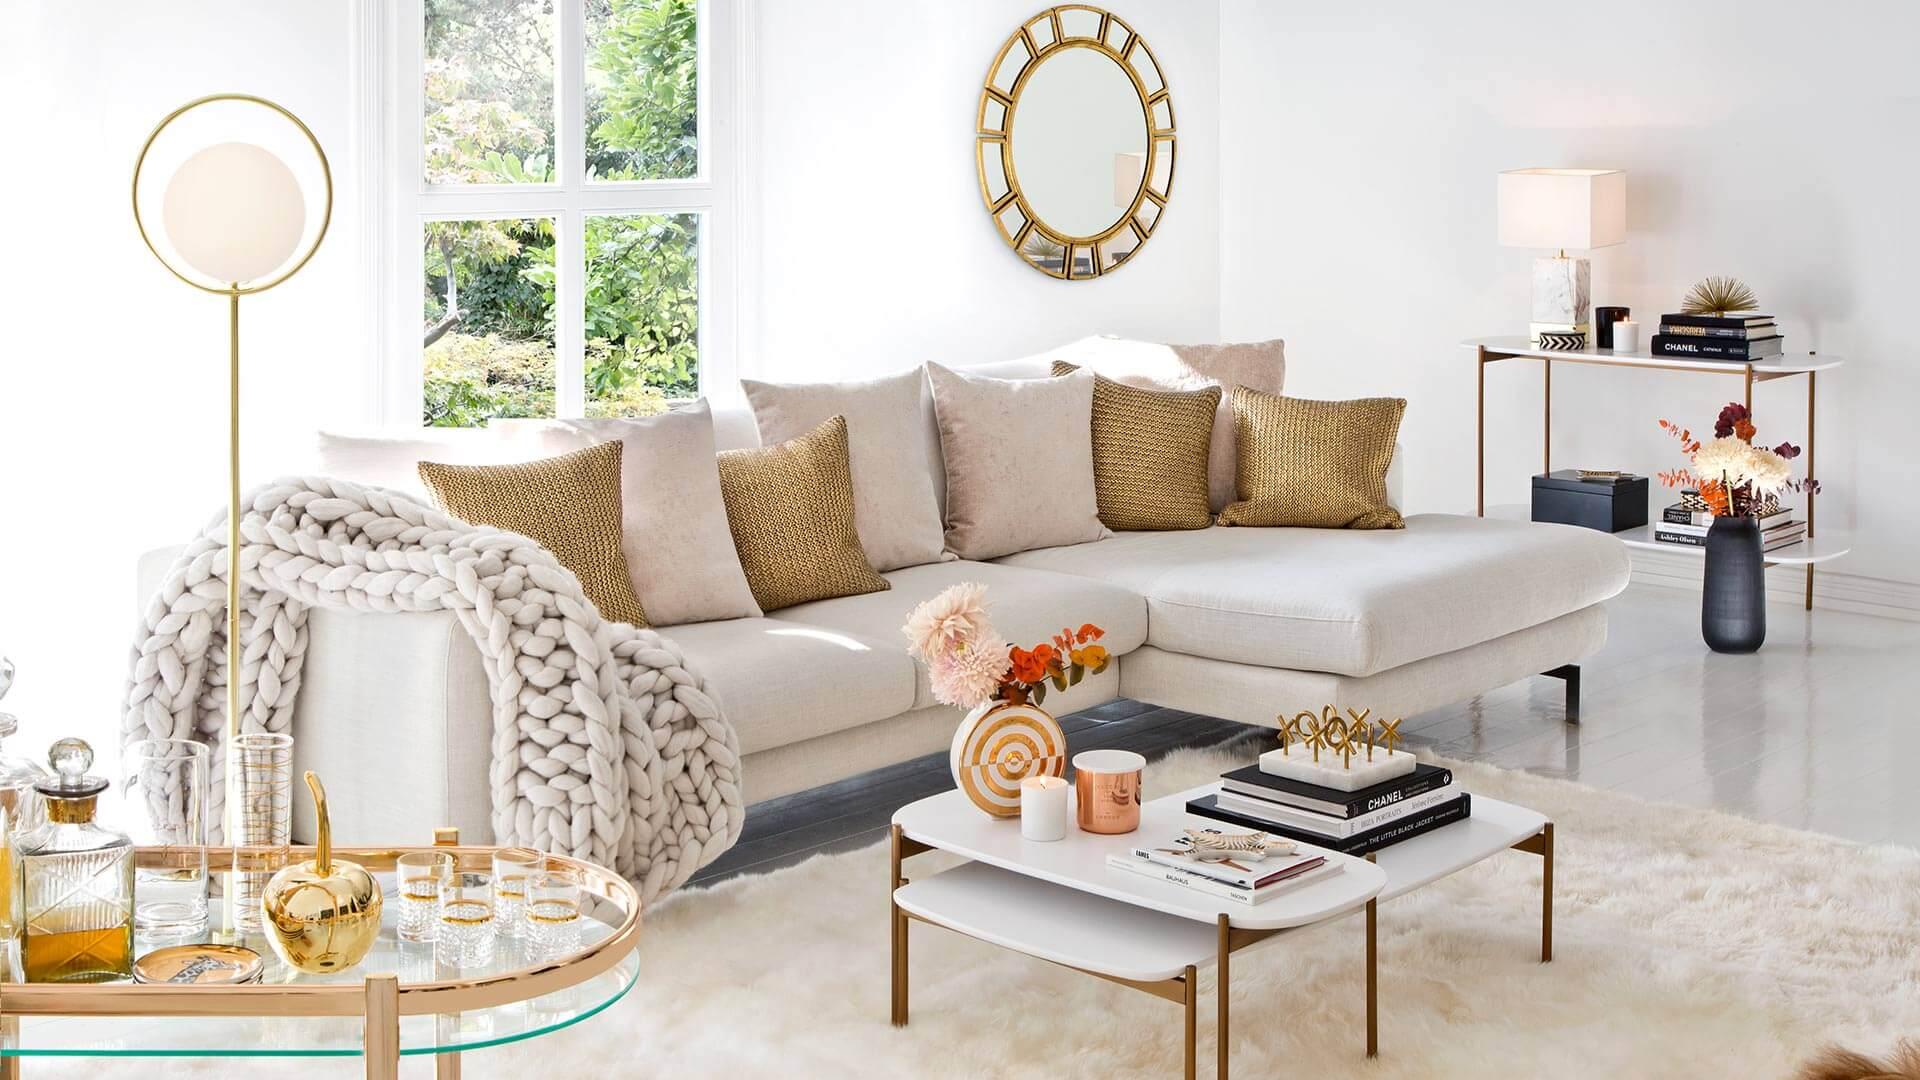 adventsverlosung 100e interior gutschein von westwingnow tantedine 04. Black Bedroom Furniture Sets. Home Design Ideas